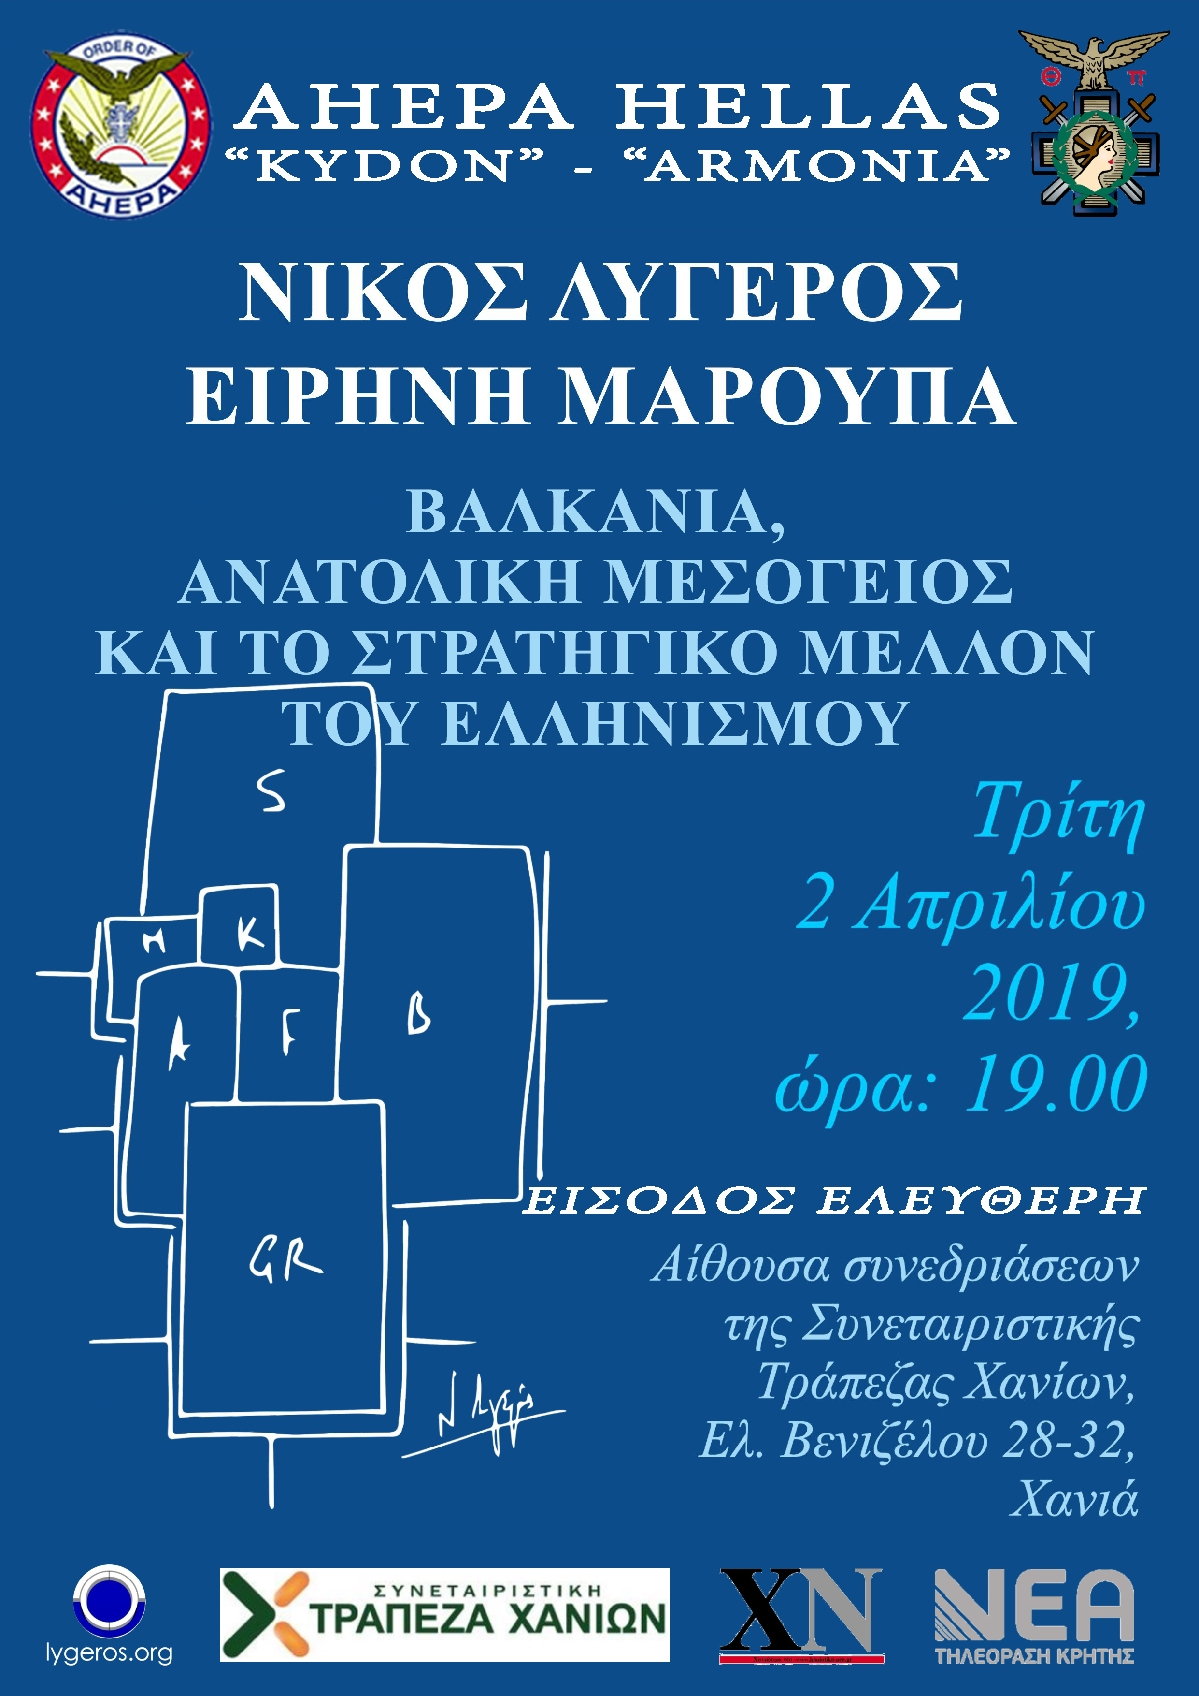 Βαλκάνια, Ανατολική Μεσόγειος και το στρατηγικό μέλλον του Ελληνισμού